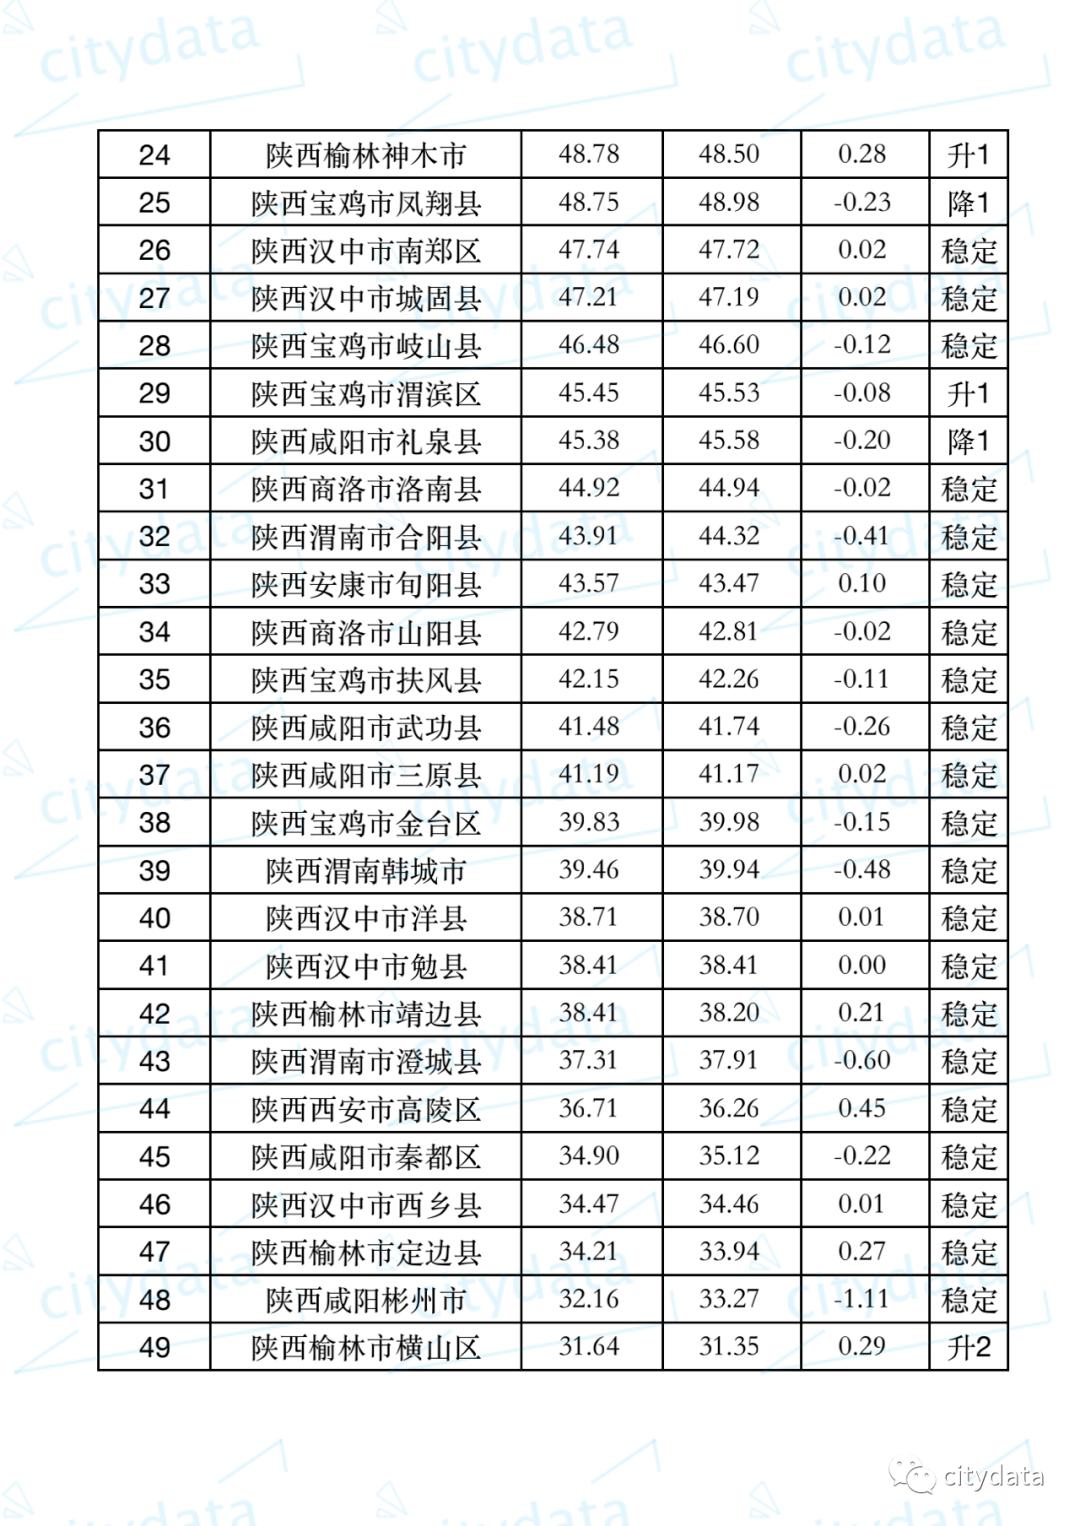 渭南地区常住人口多少_渭南地区地图